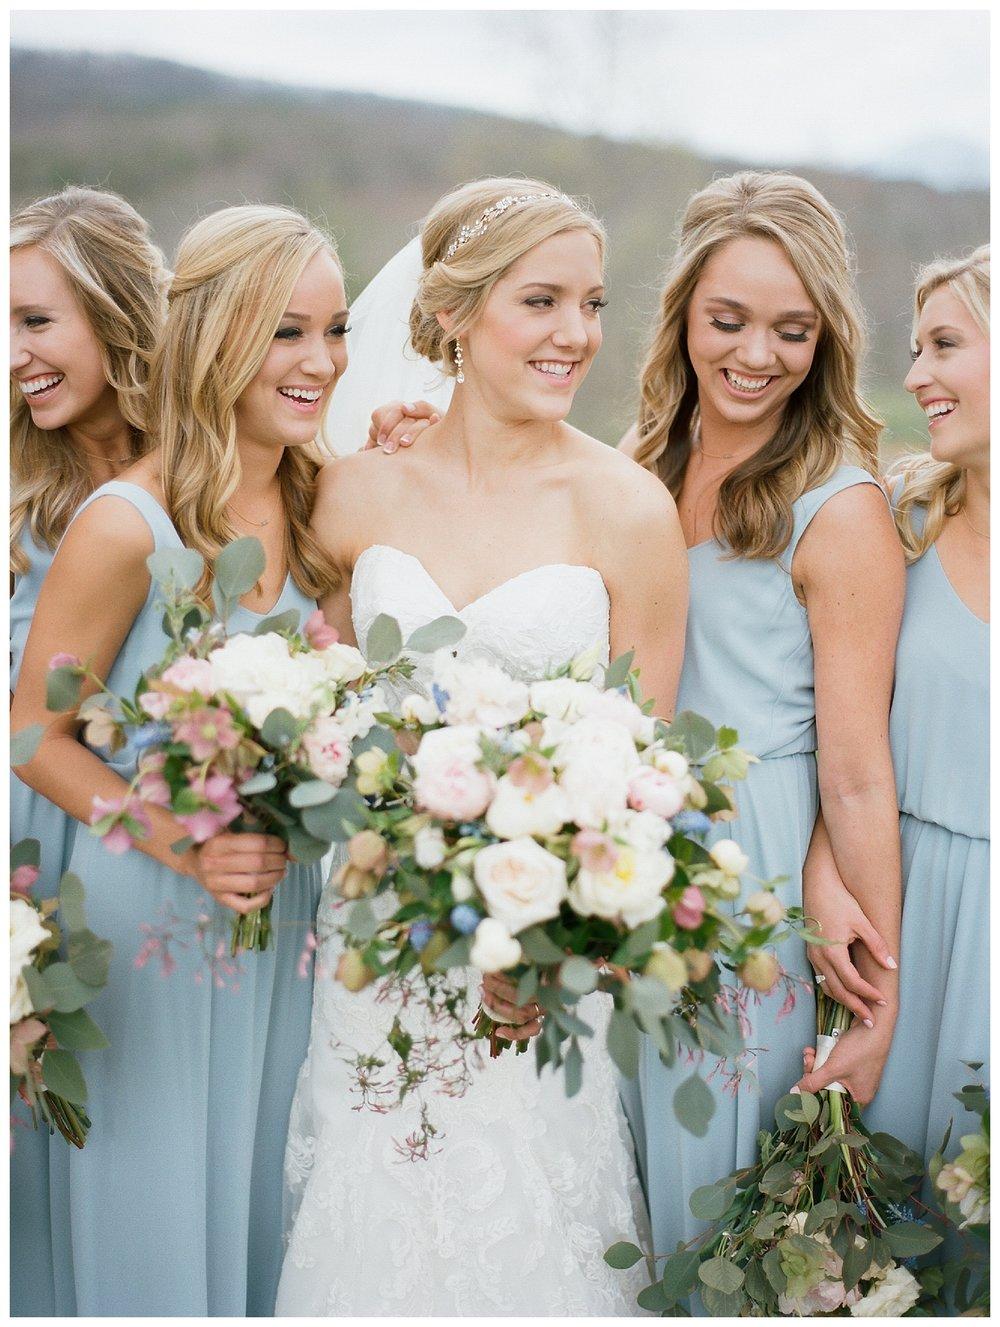 white-oaks-barn-dahlonega-wedding-photographer-christina-pugh_0014.jpg